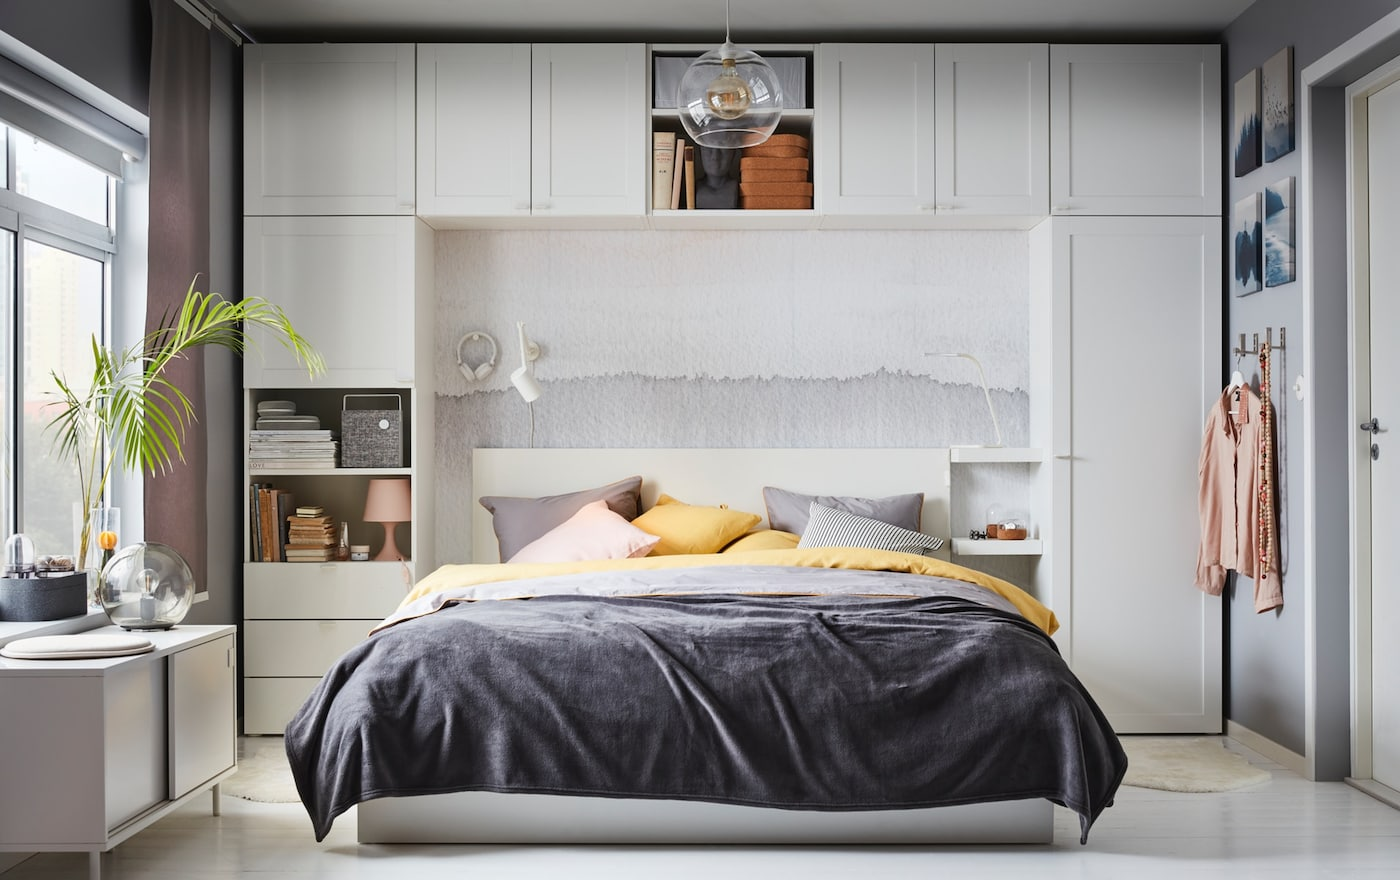 Wunderbar PLATSA Kleiderschrank Und MALM Bettgestell Im Schlafzimmer